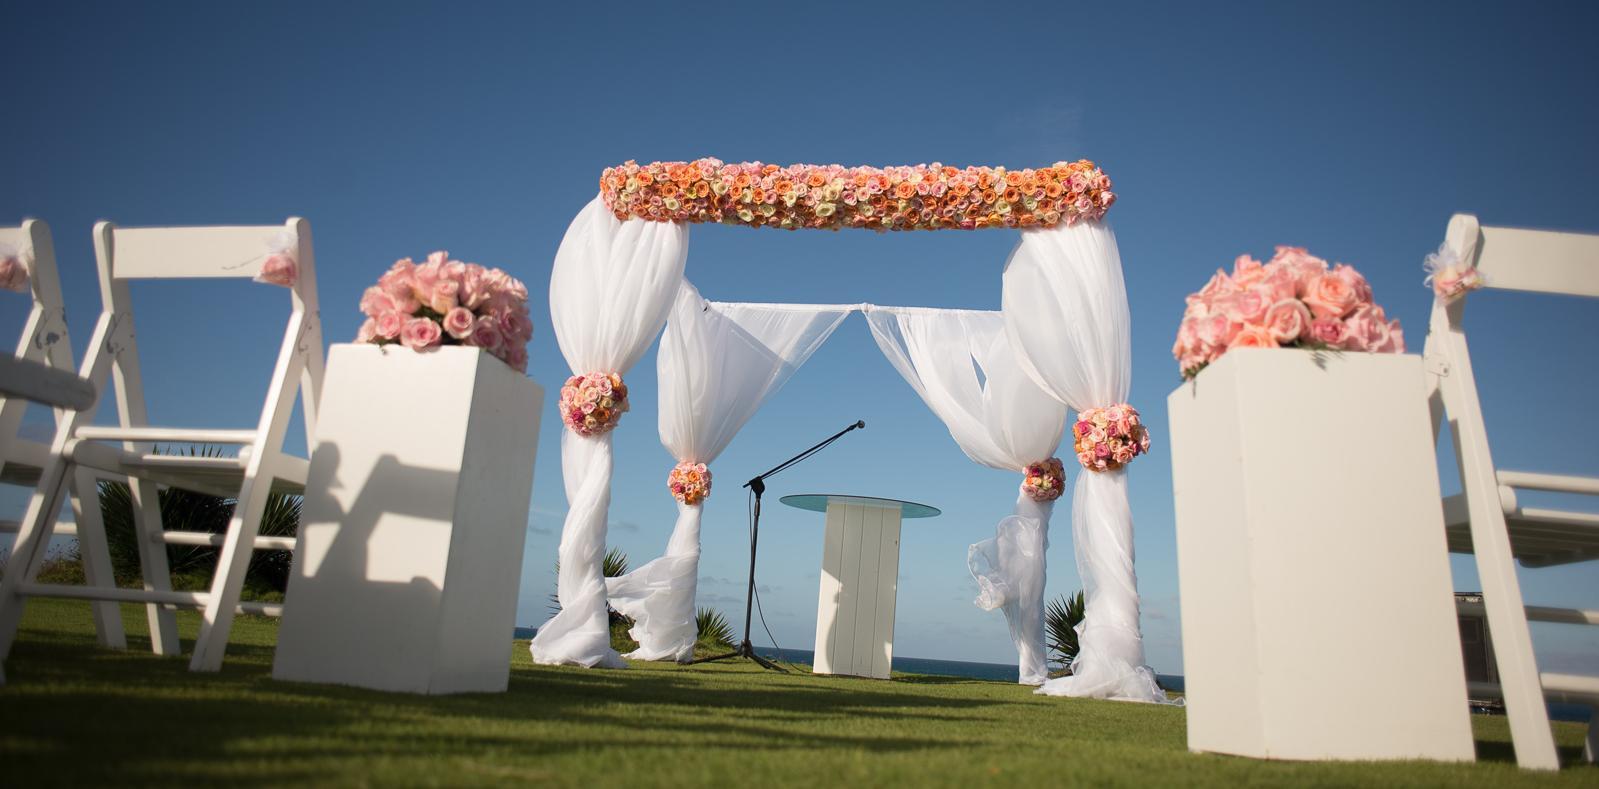 bodas-estilo-libre-sin-tema-cuba-7273.jpg